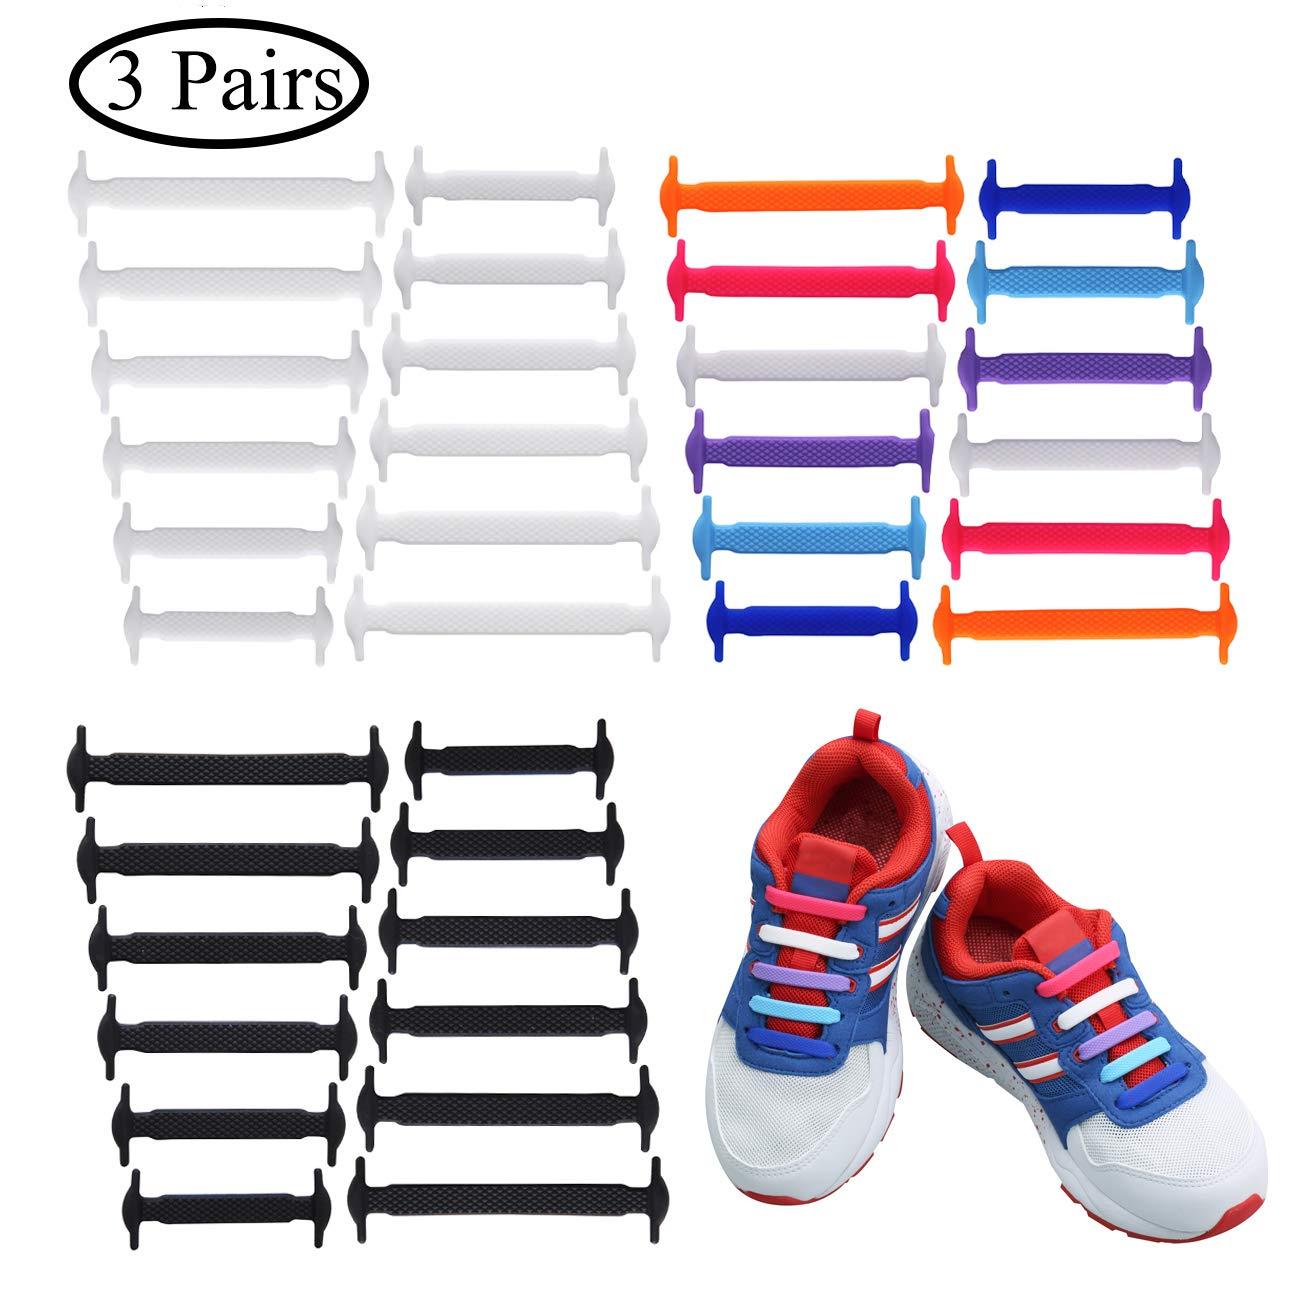 Uniqhia No Tie Shoelaces Kids - Multicolor Fashion Sports Fan Shoelaces - Fits Most Types Shoes - Sneaker Boots, Board Shoes Sport Shoes Leisure Footwear (Black+White+Color, 3 Pack kids)